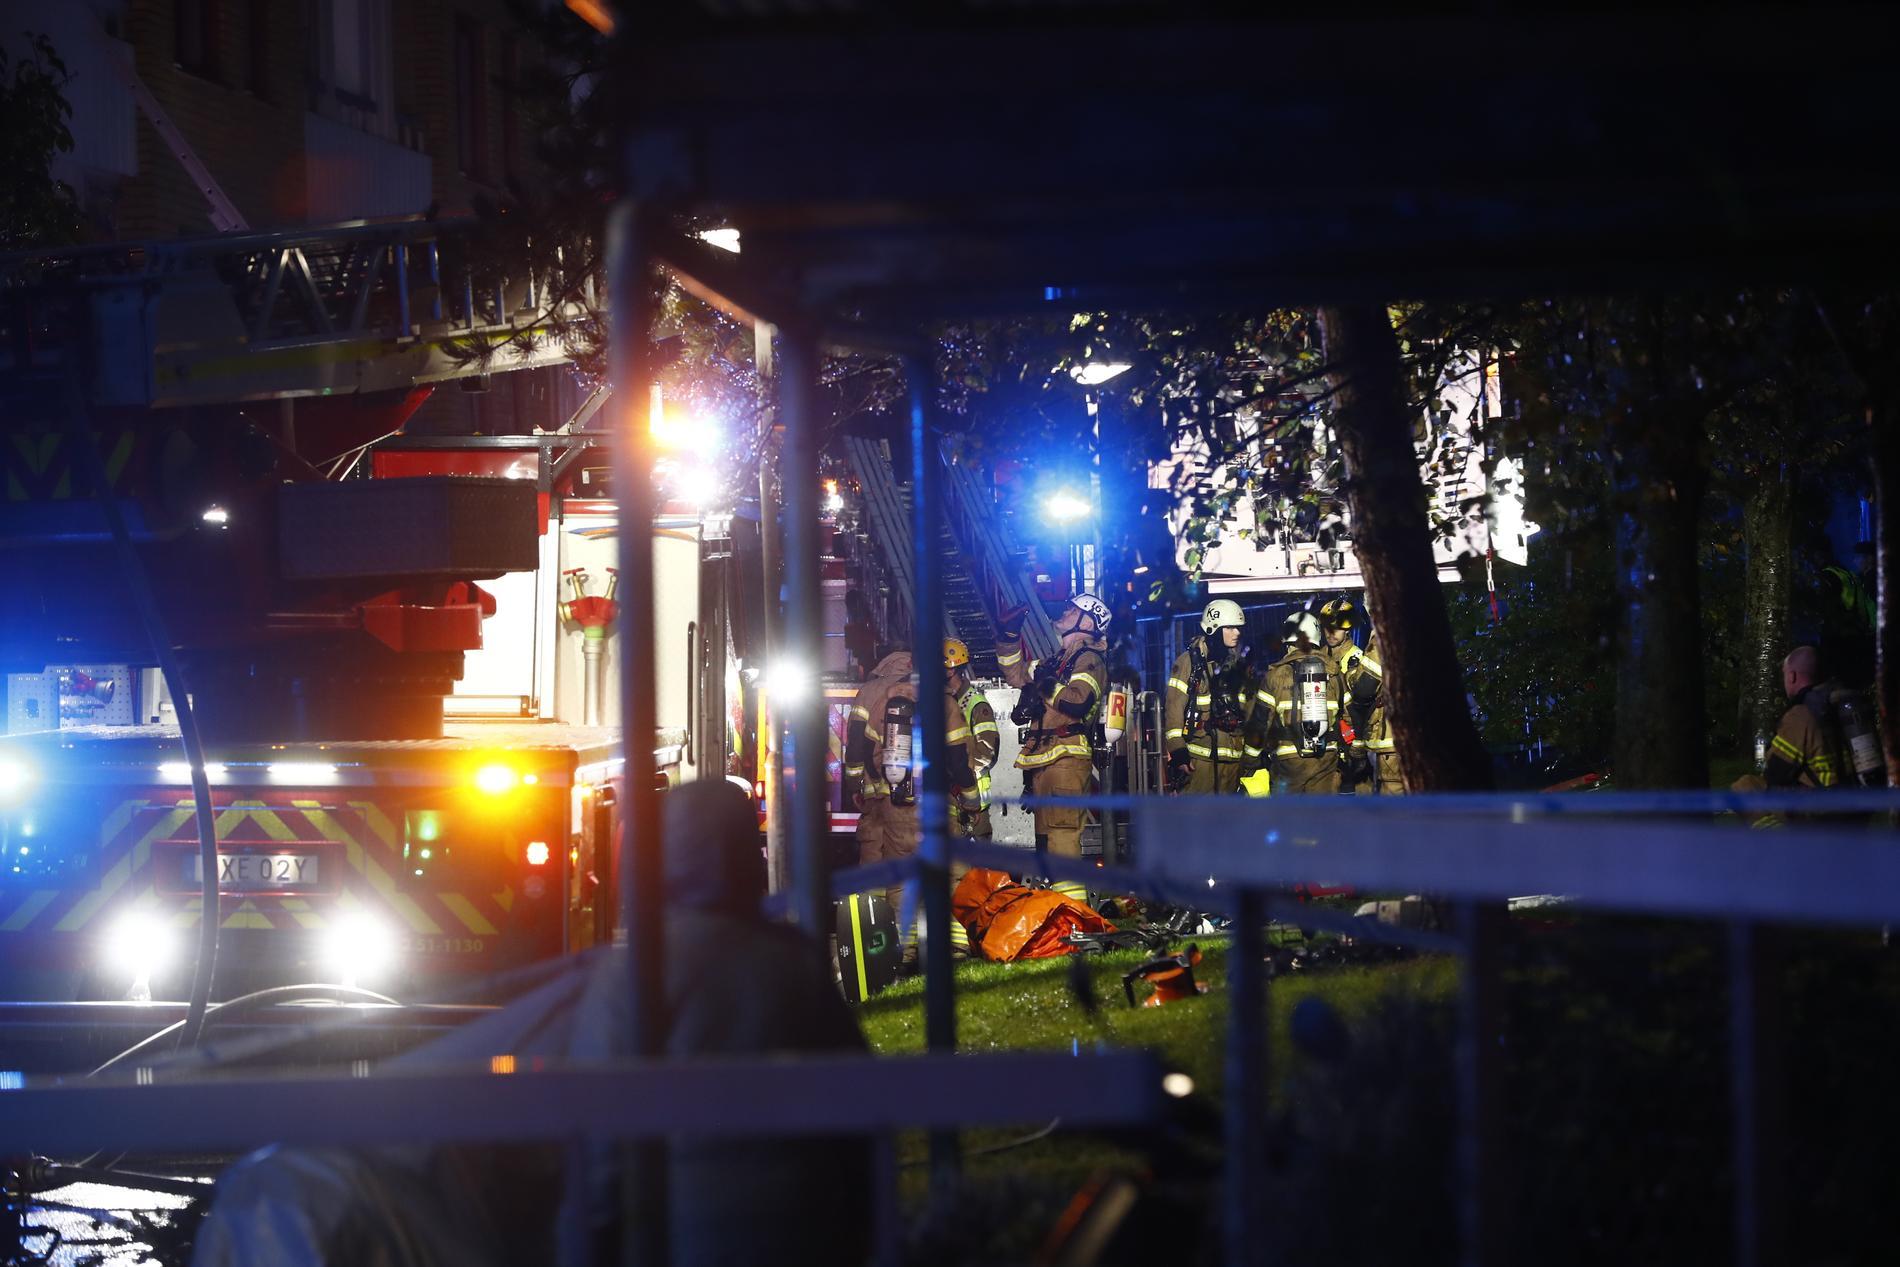 Räddningstjänst, ambulans och ambulanshelikopter är på plats.